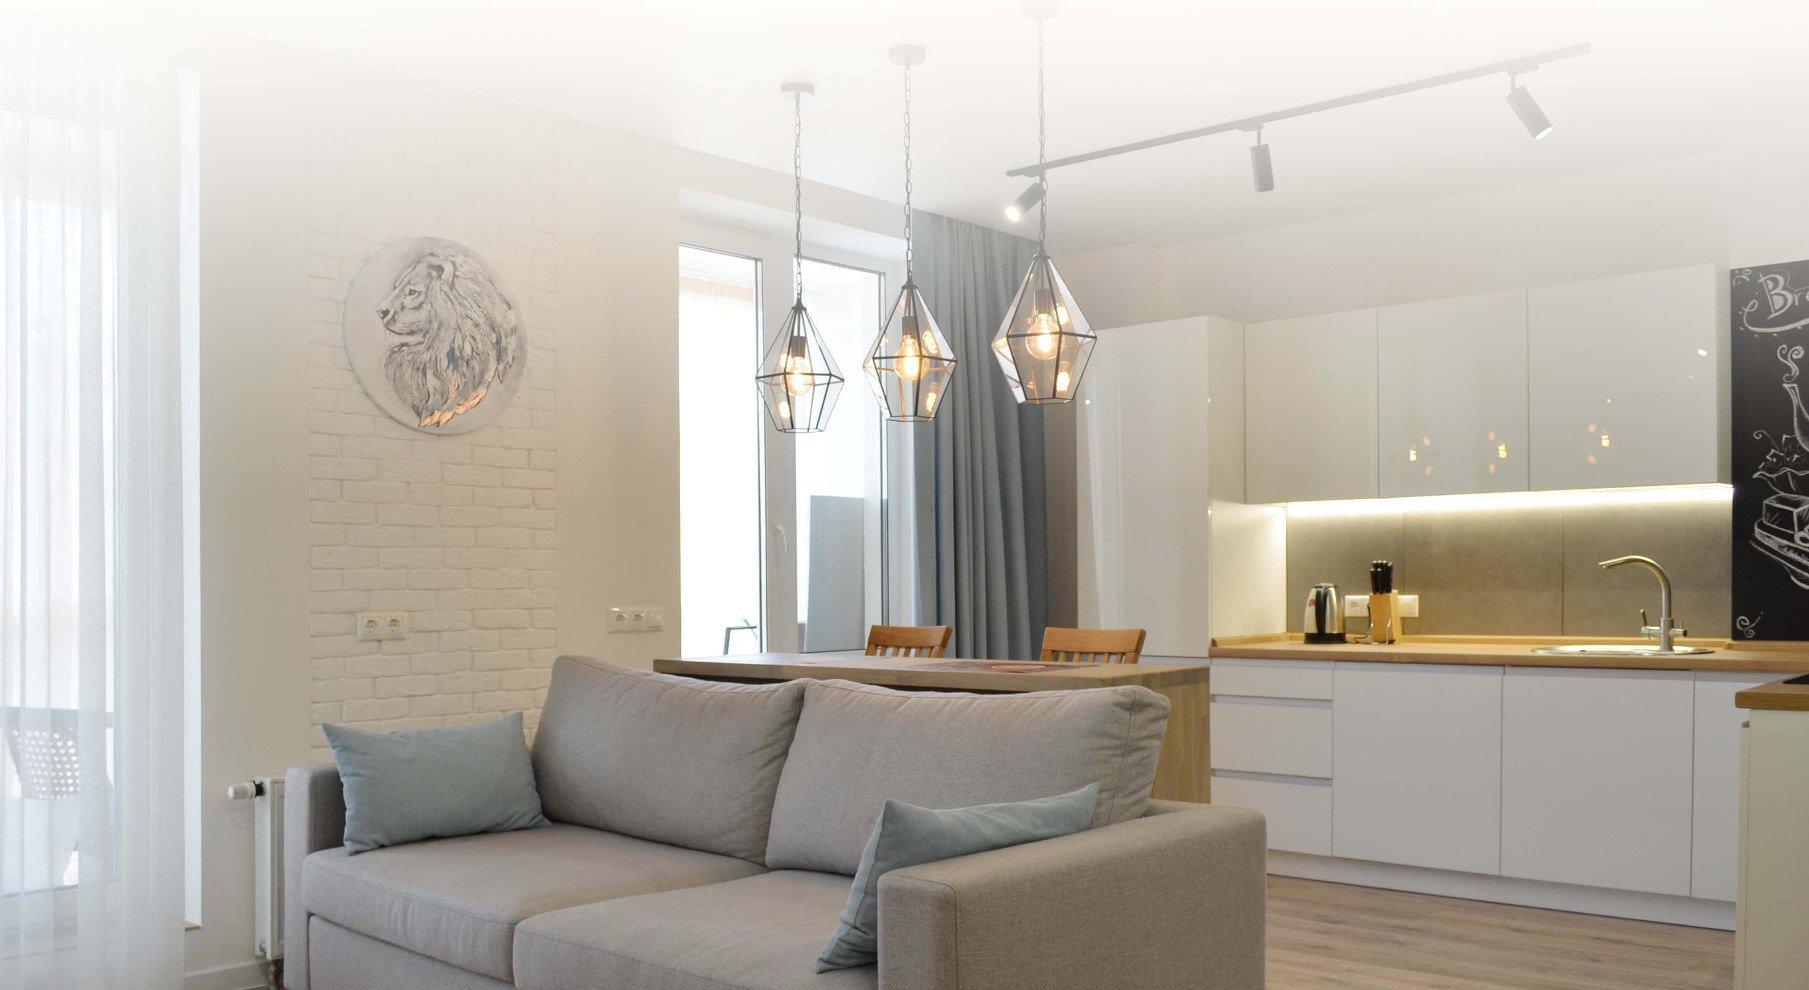 дизайн интерьера квартиры в Минске студия 01